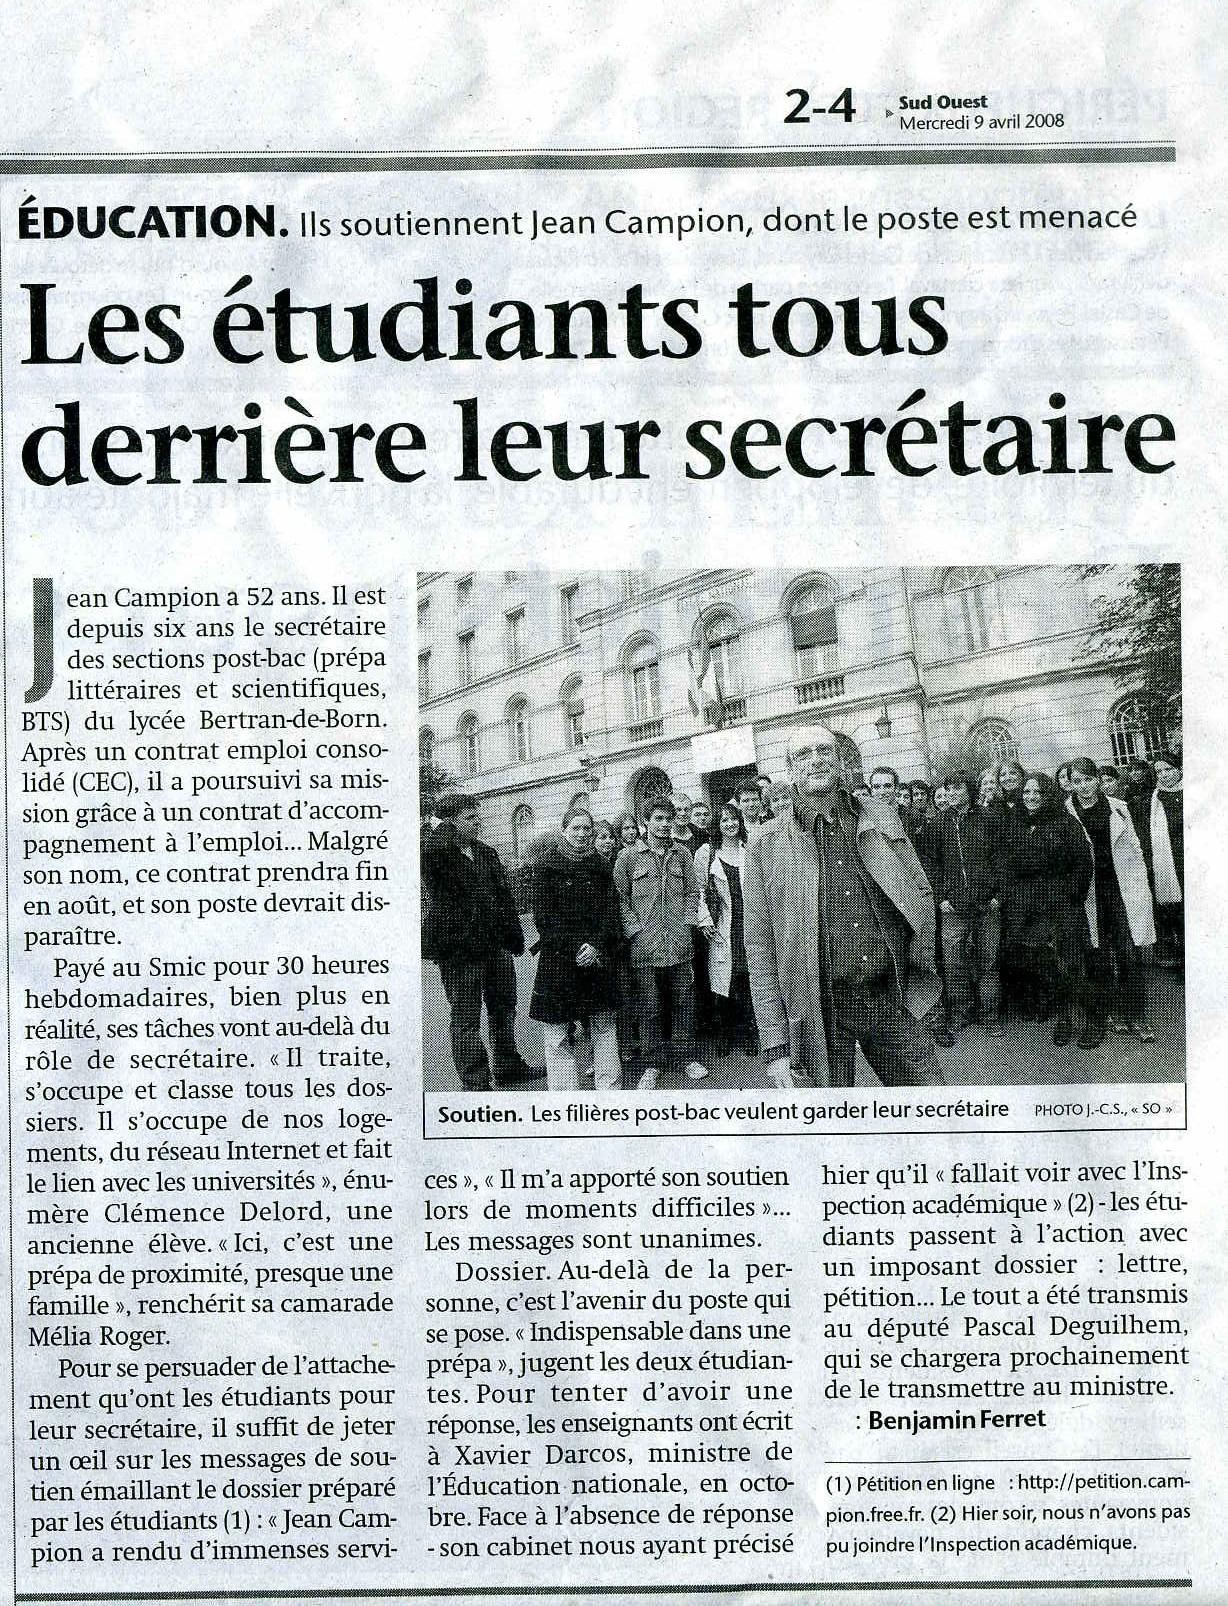 Sud-ouest Périgueux - article 9 avril 2008